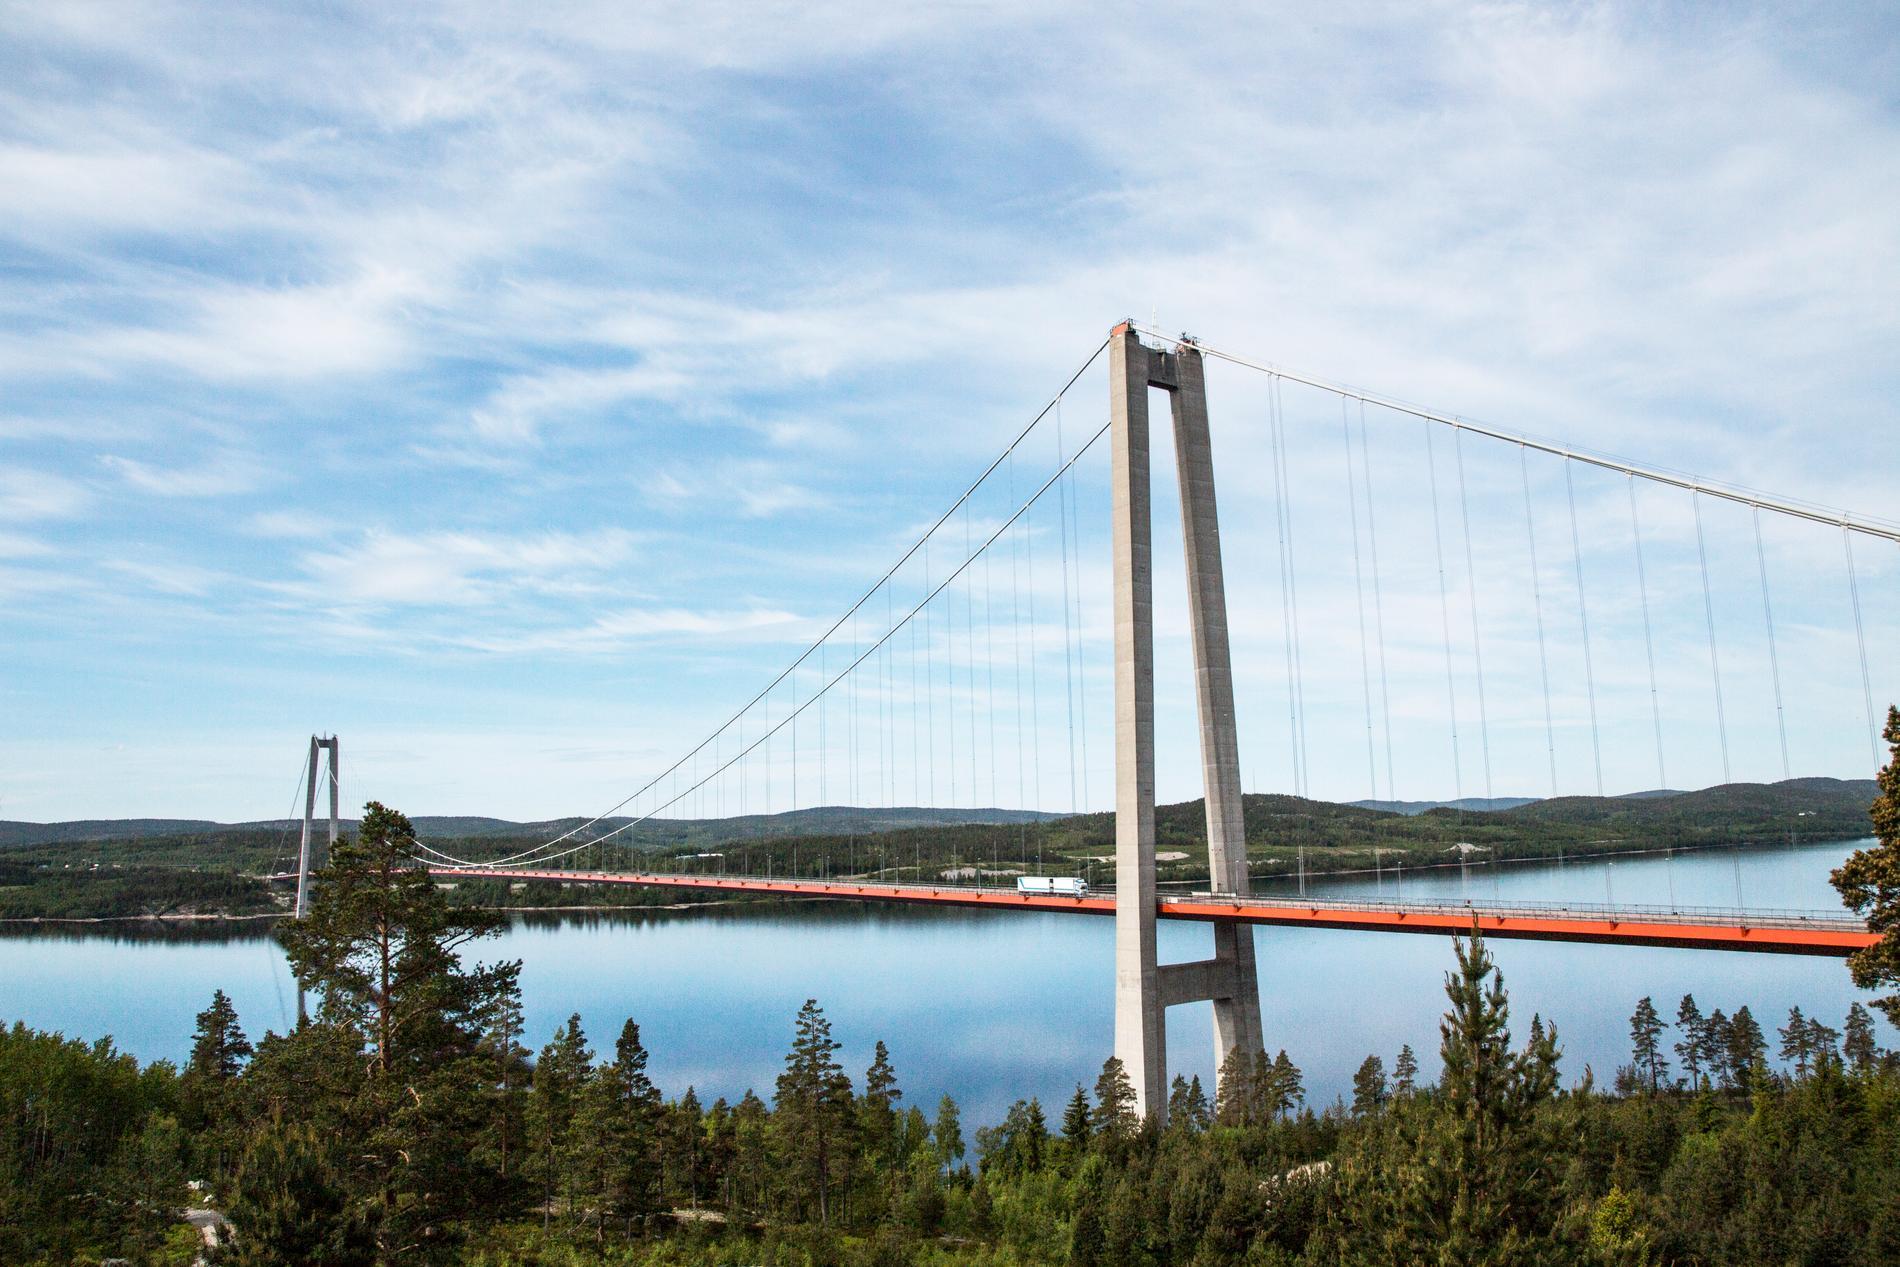 Höga Kustenbron är en hängbro över Ångemanälven mellan Kramfors och Härnösands kommunner